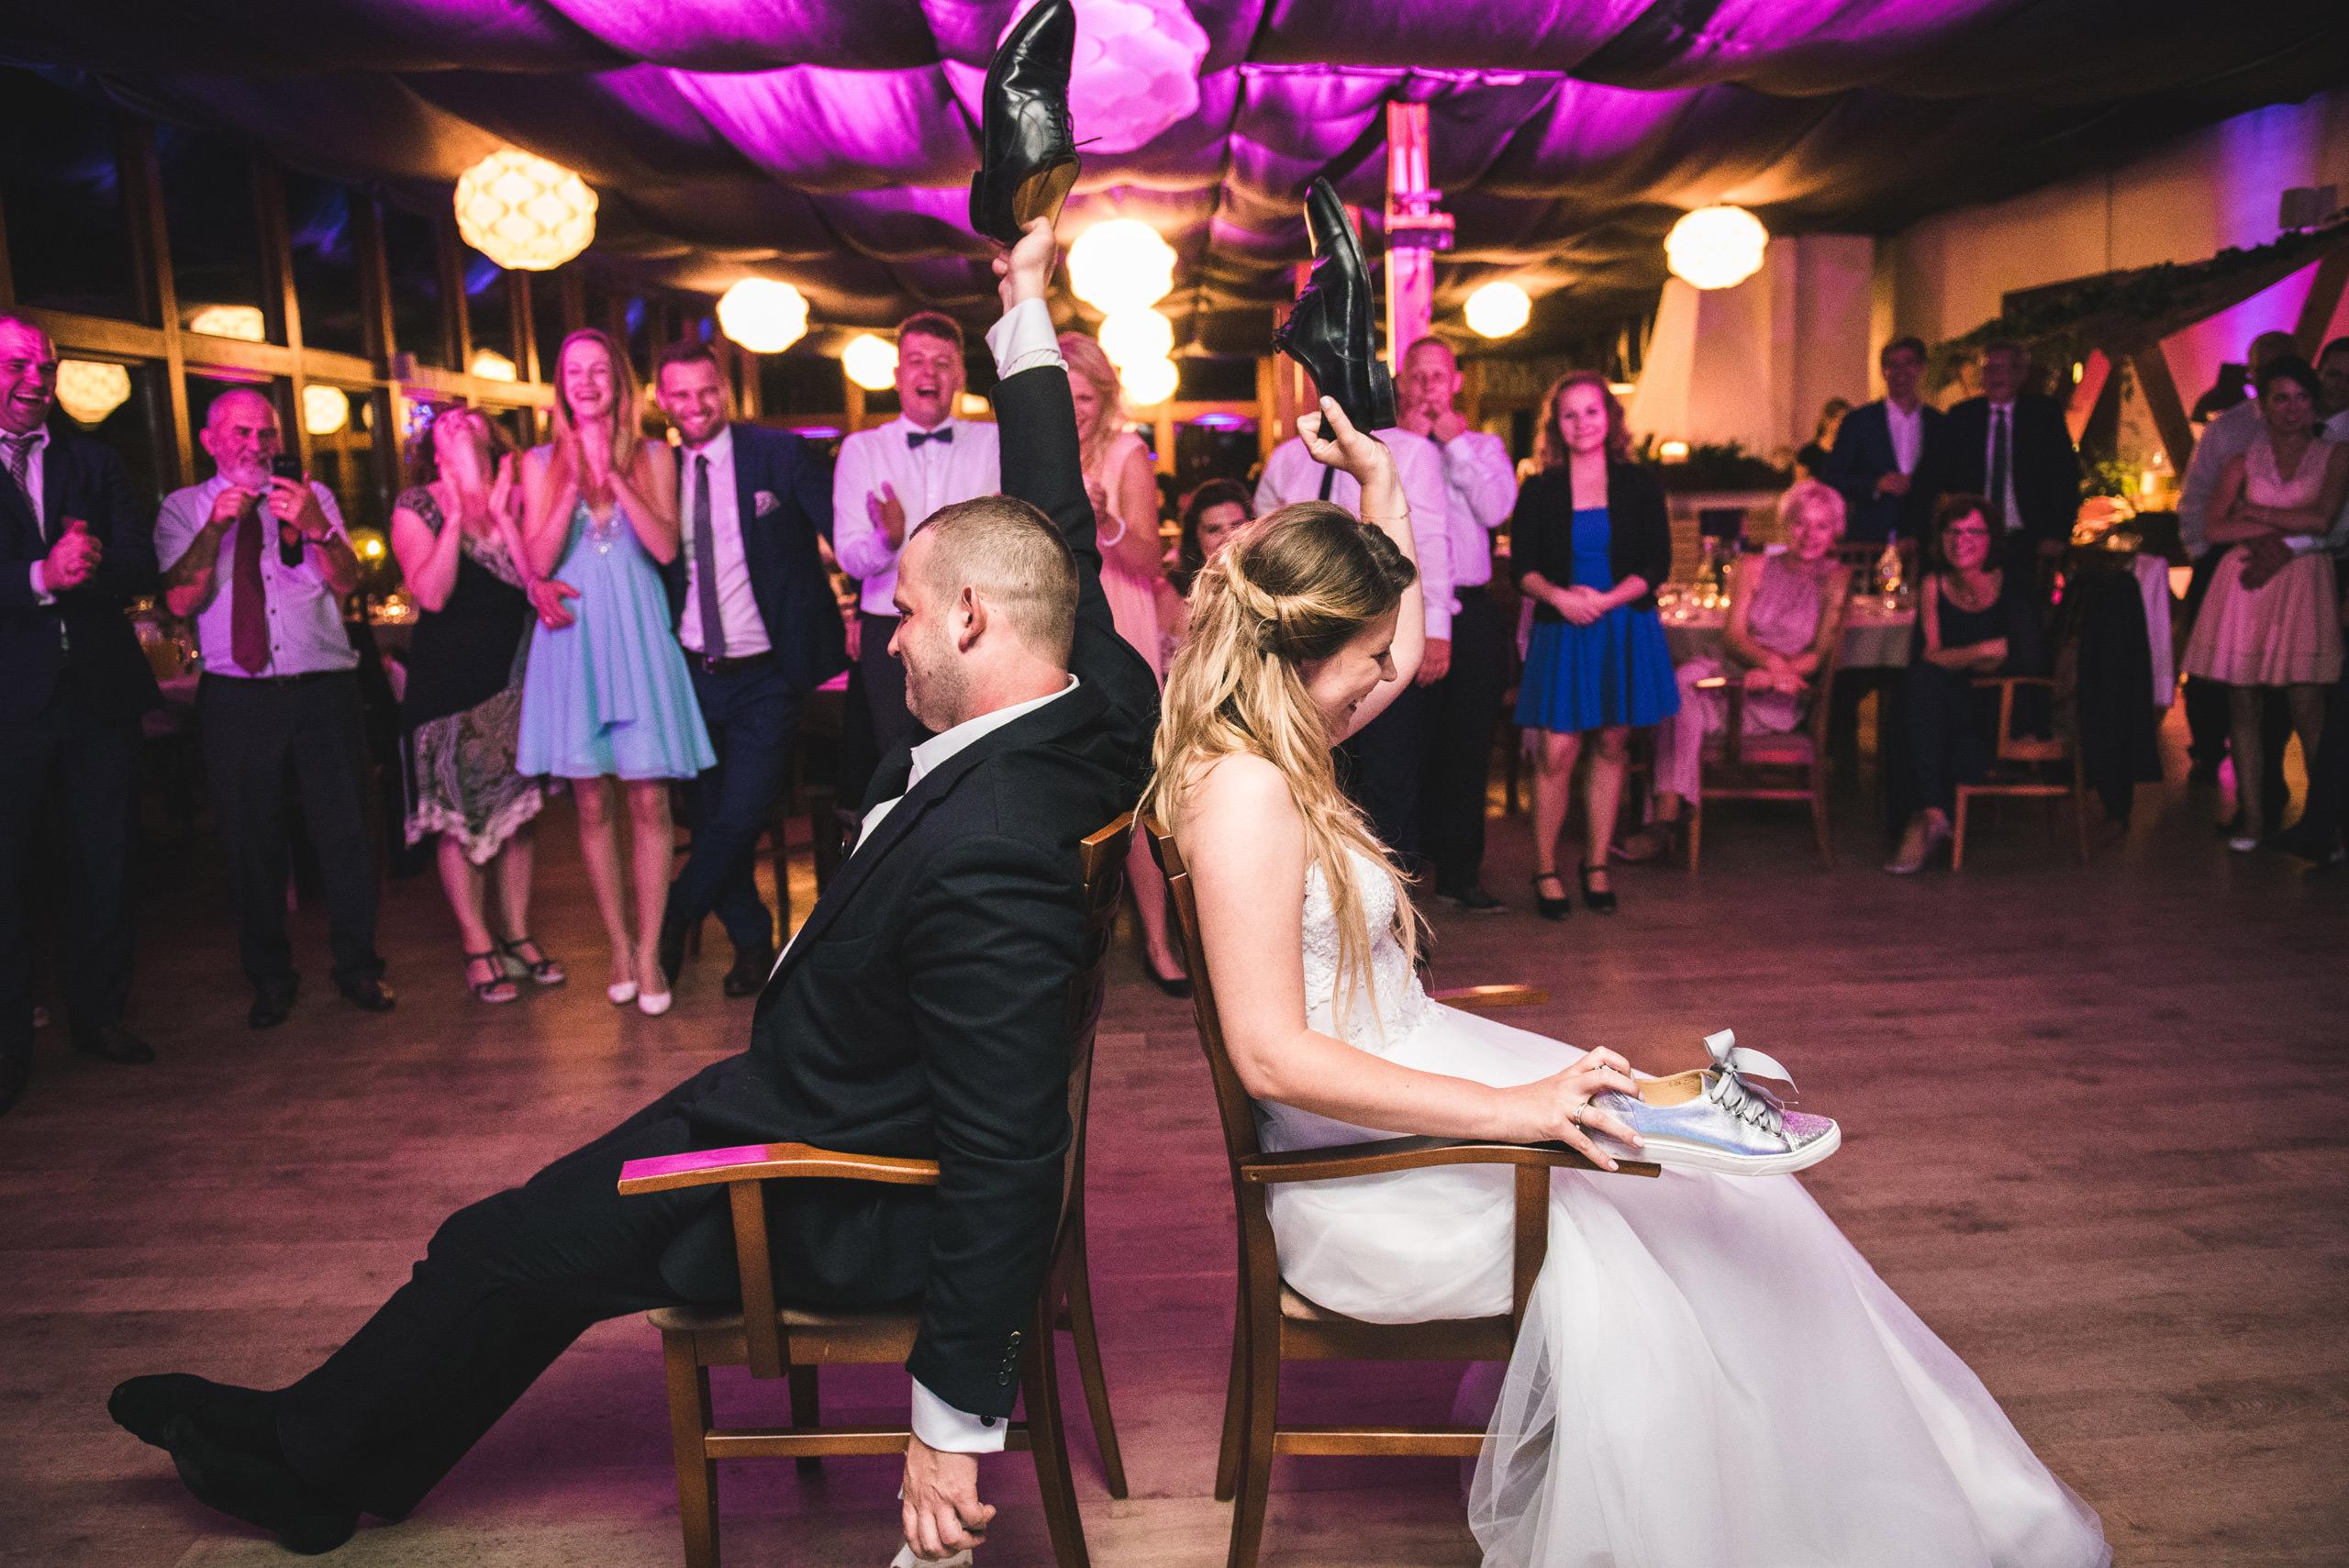 fotograf slubny warszawa 076 oczepiny zacisze anny korcz wesele